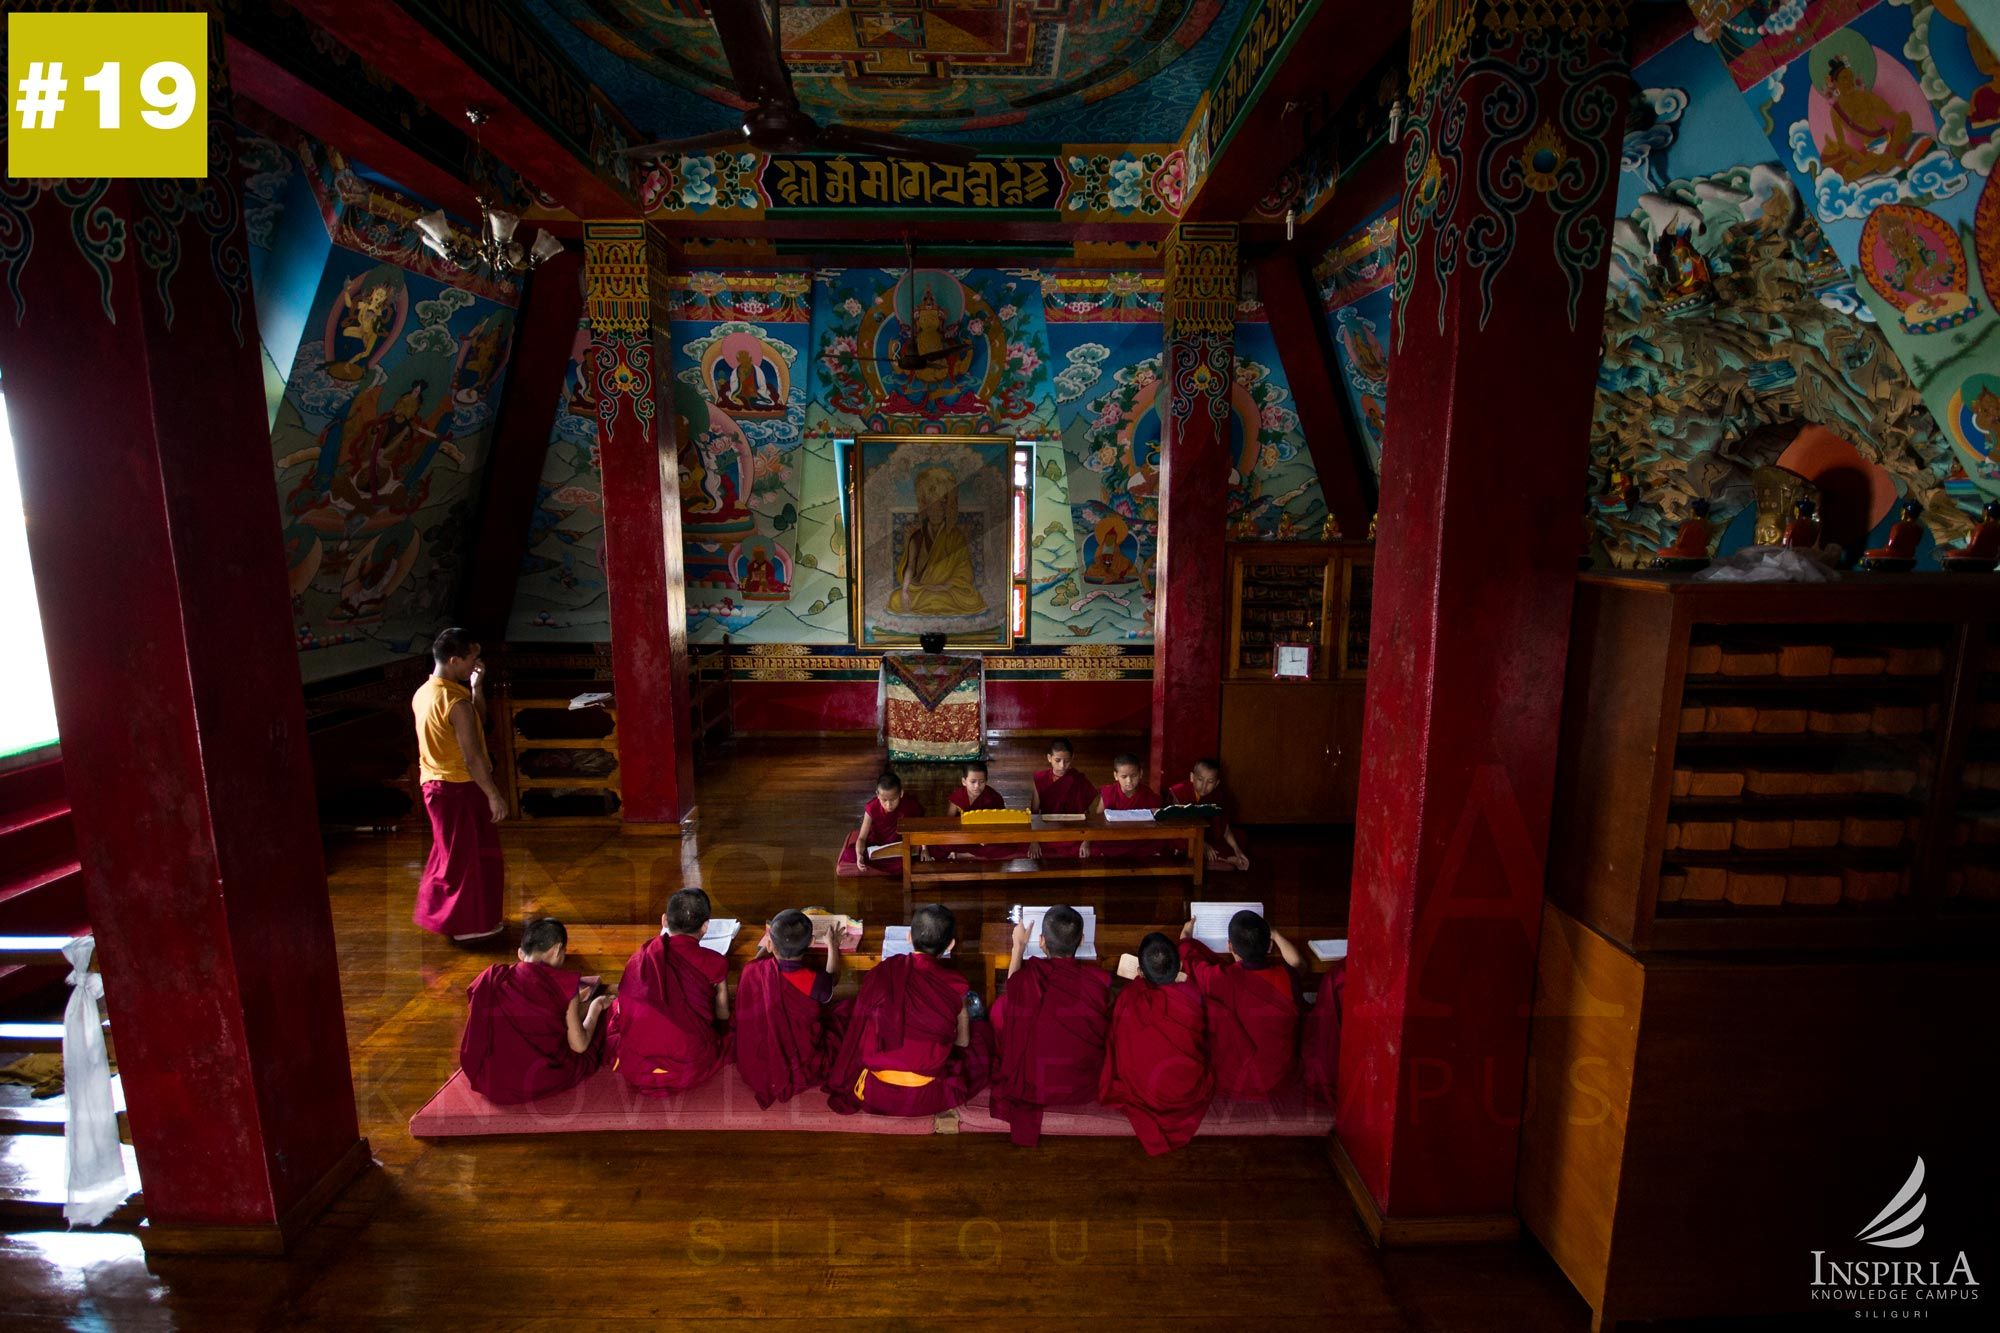 salugara-monastery-monks-prayers-studies-1001-things-to-do-inspiria-knowledge-campus-siliguri-wb